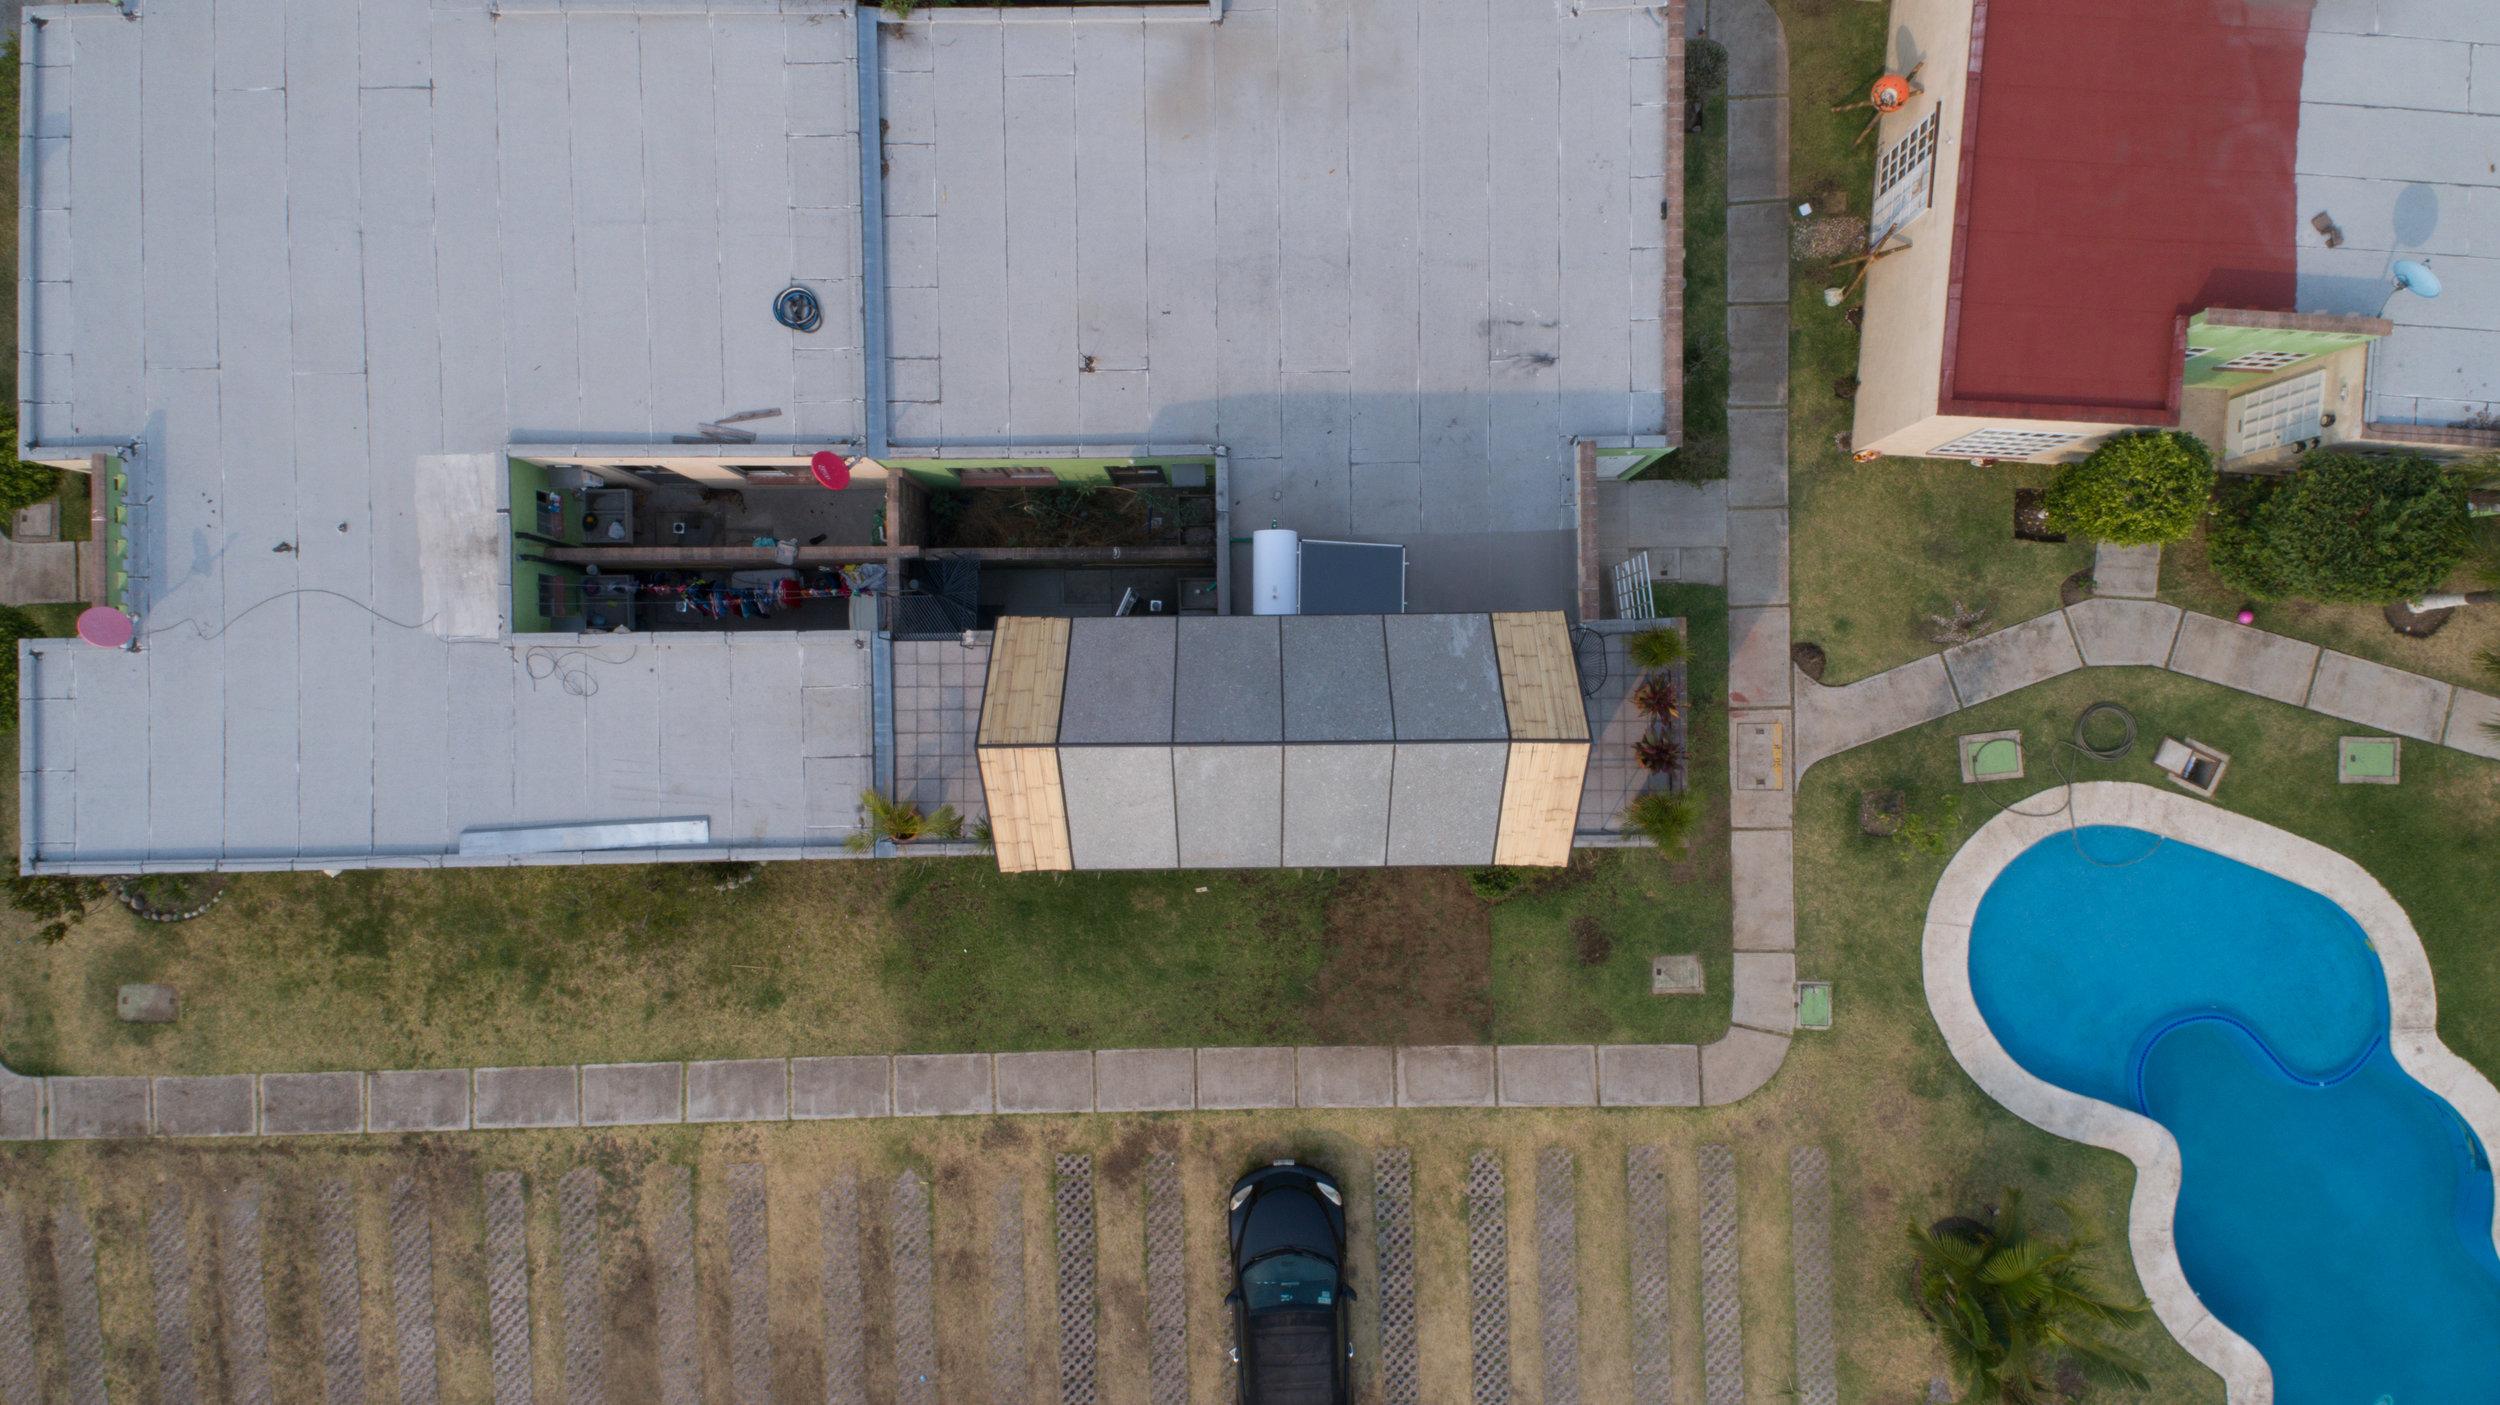 REA_01_Un cuarto más_ Proyecto en colaboración con Alin V. Wallach_Fotografía de Jaime Navarro.JPG